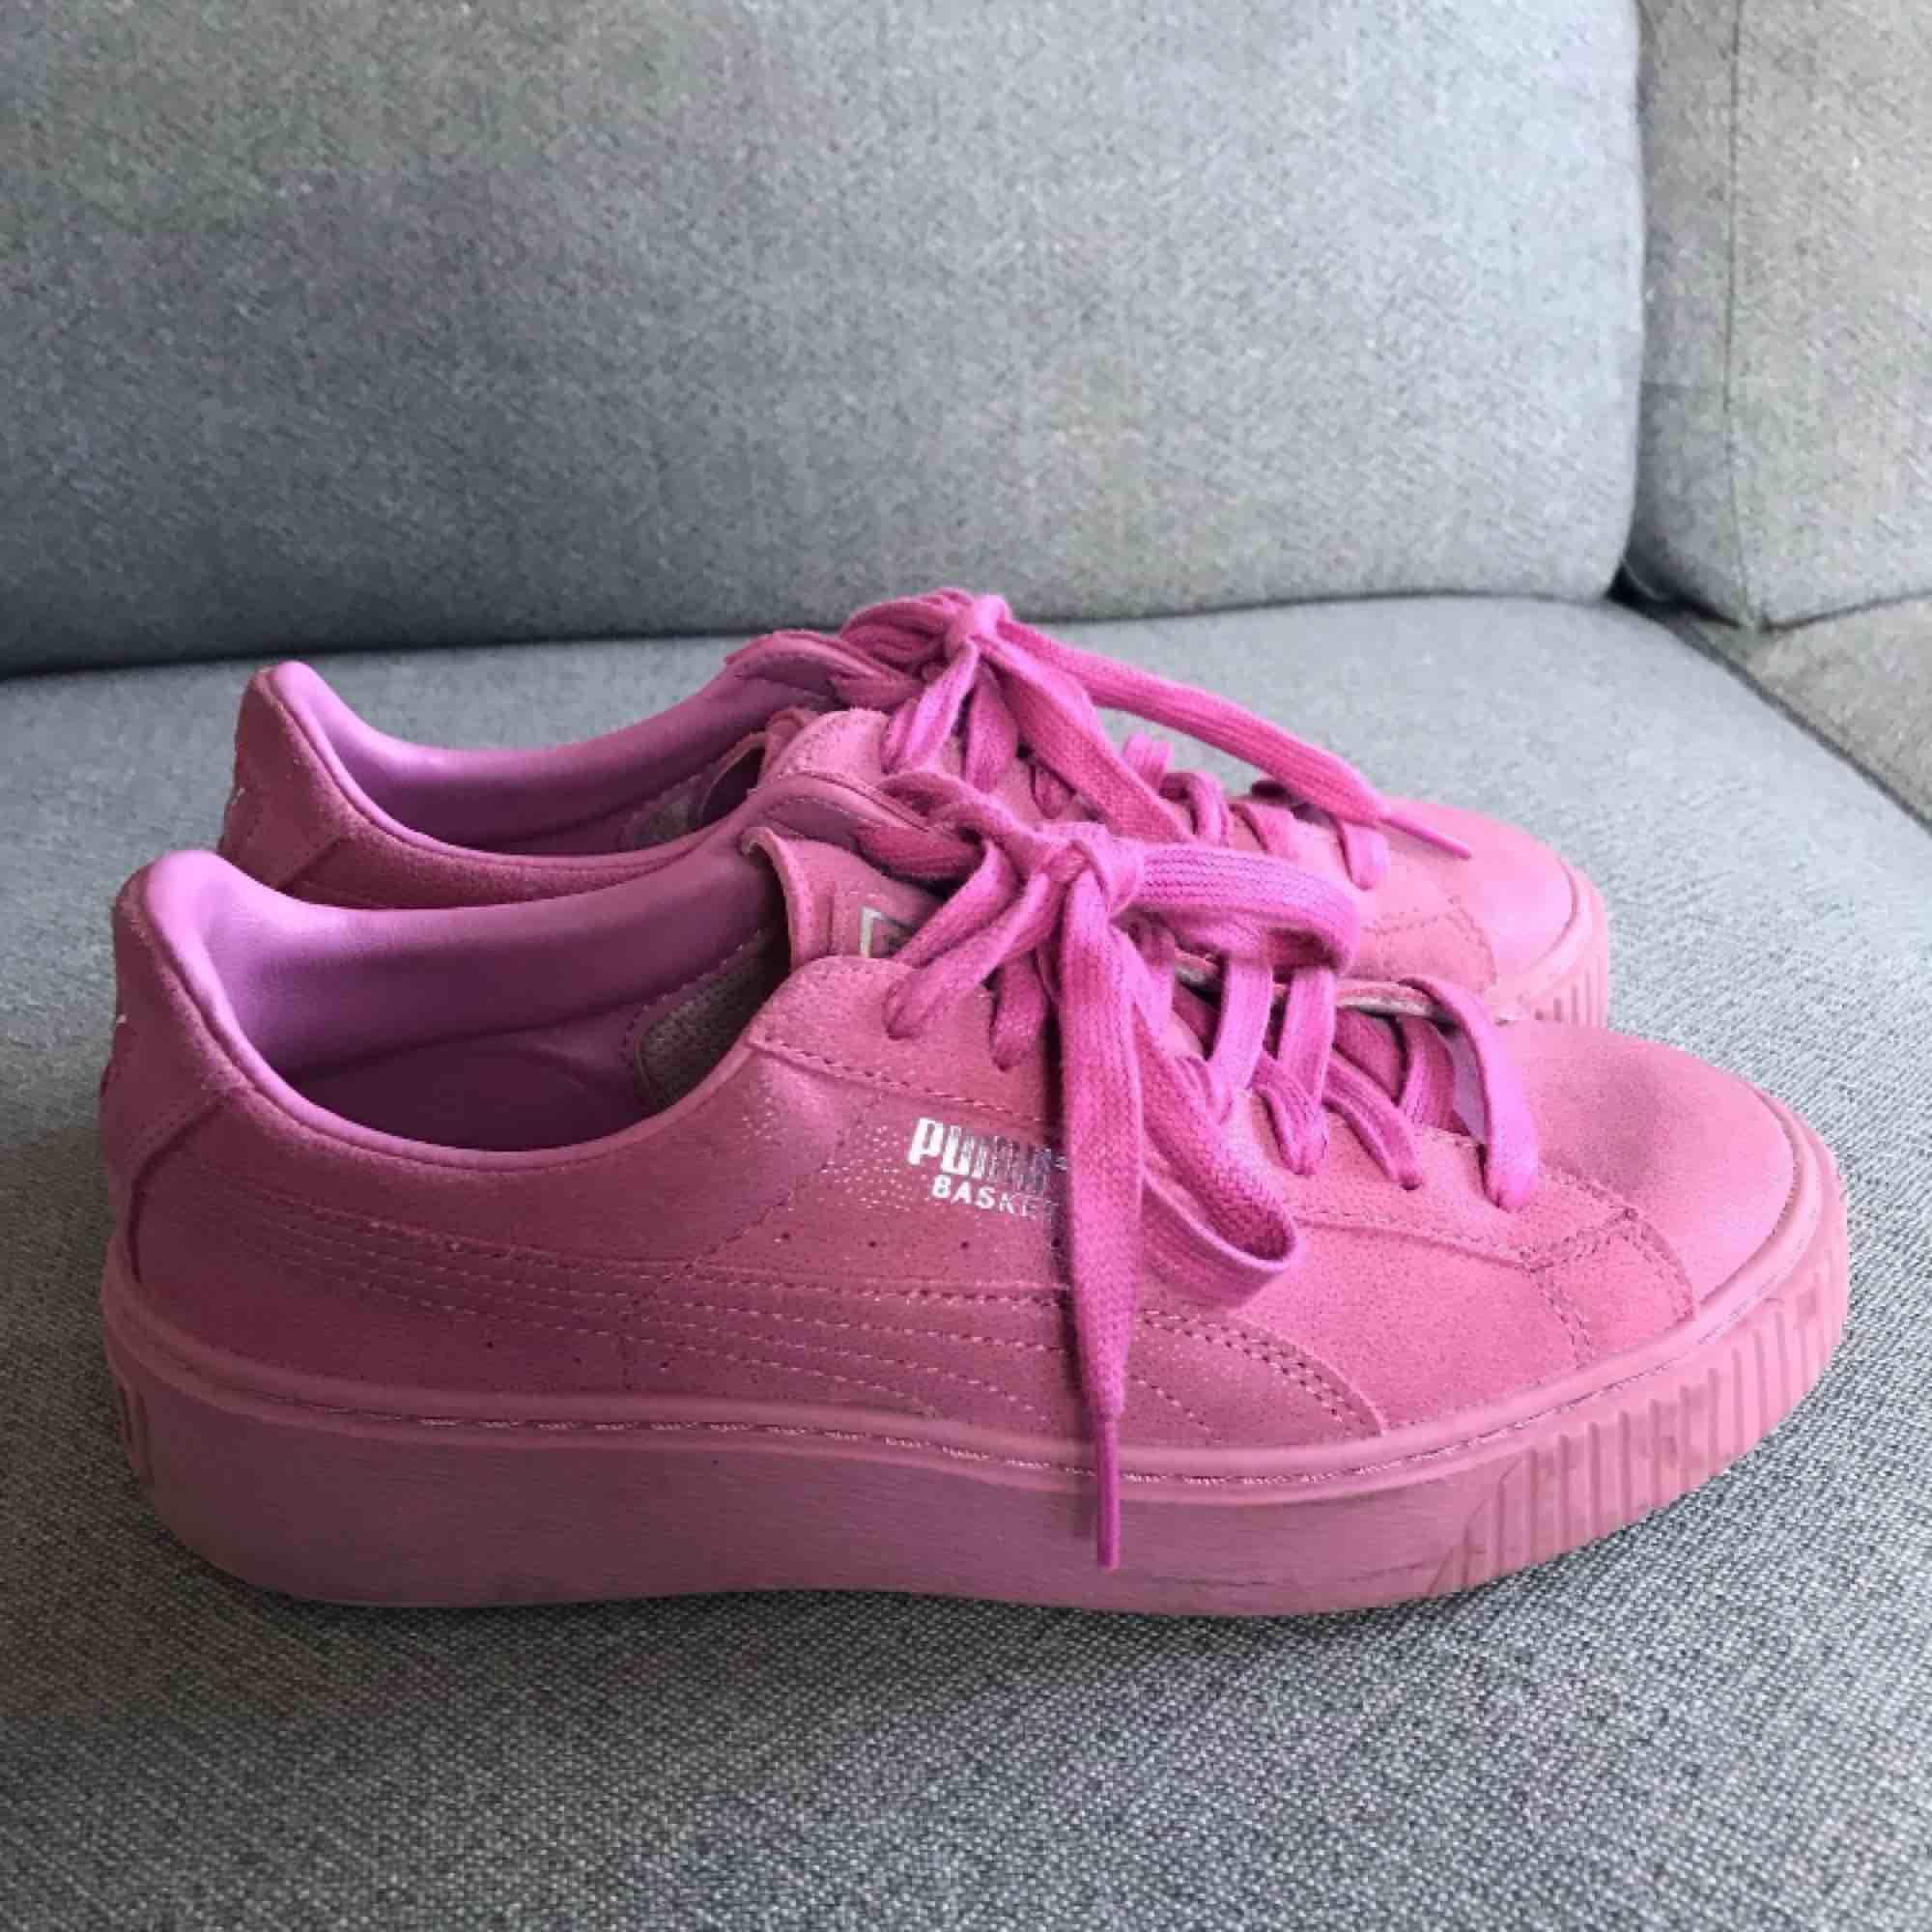 Underbara skimrande rosa skor från Puma Suede, använda ca 1 vecka i somras, supersköna att gå i, bra skick 🍭. Skor.